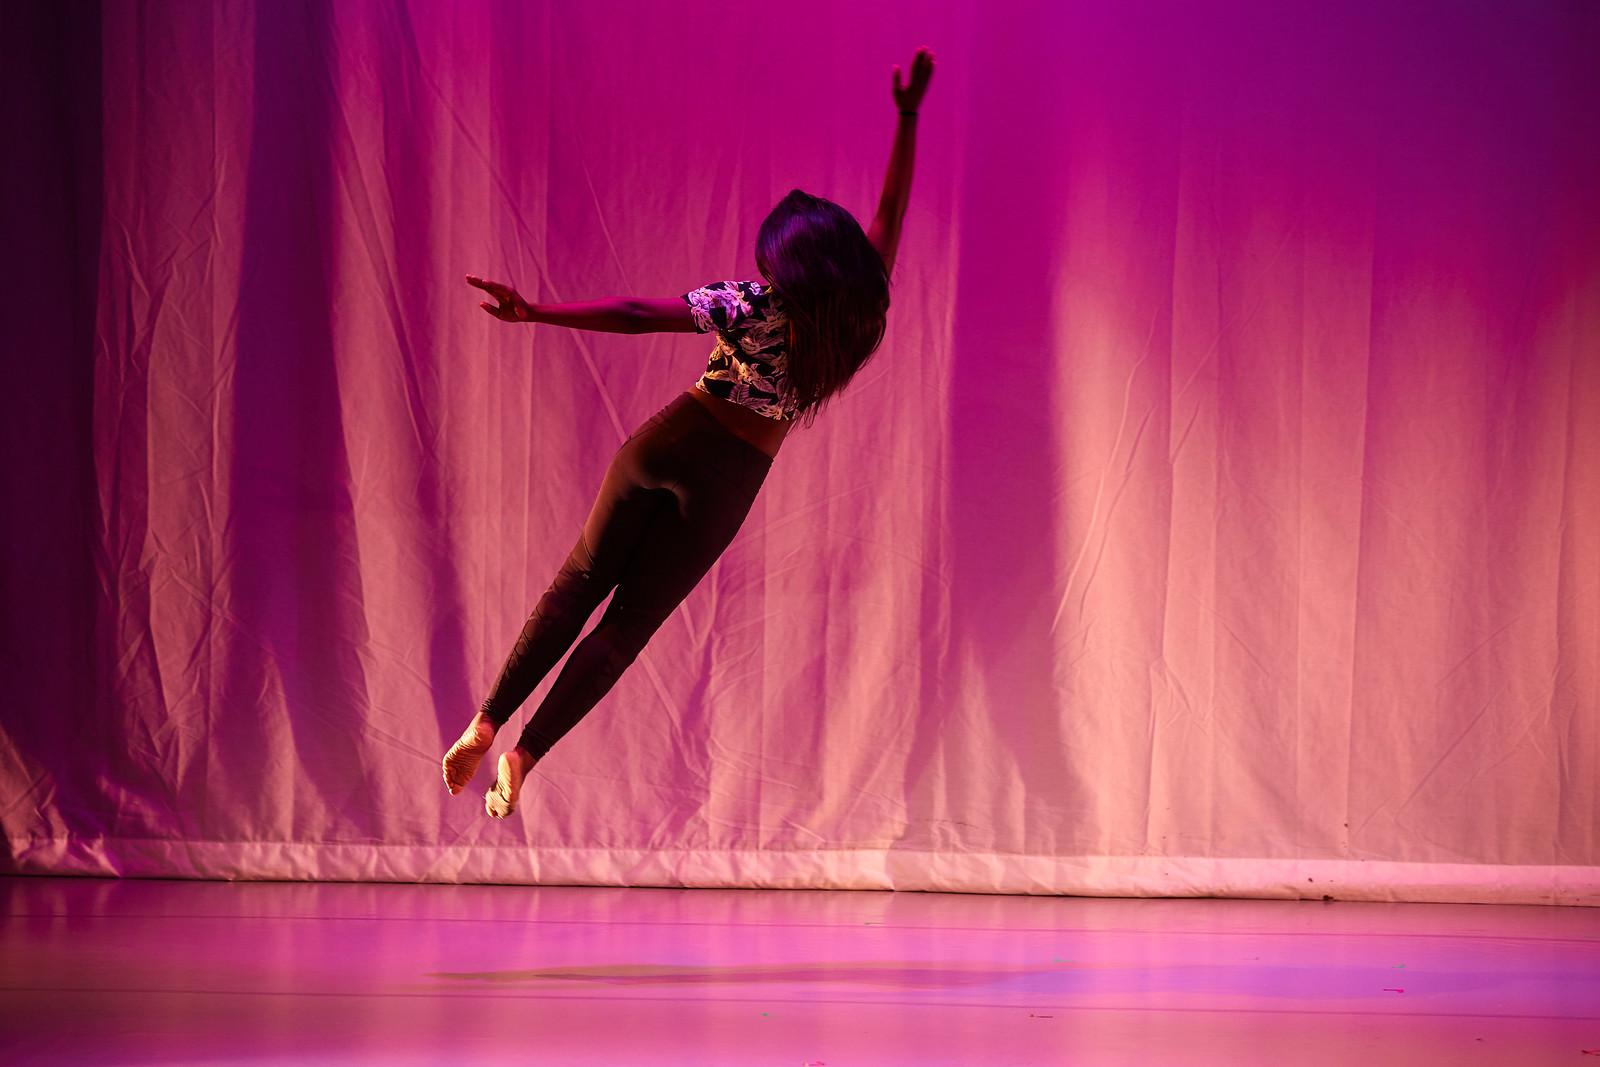 Mayfair dance and maypole - 48383-X3.jpg